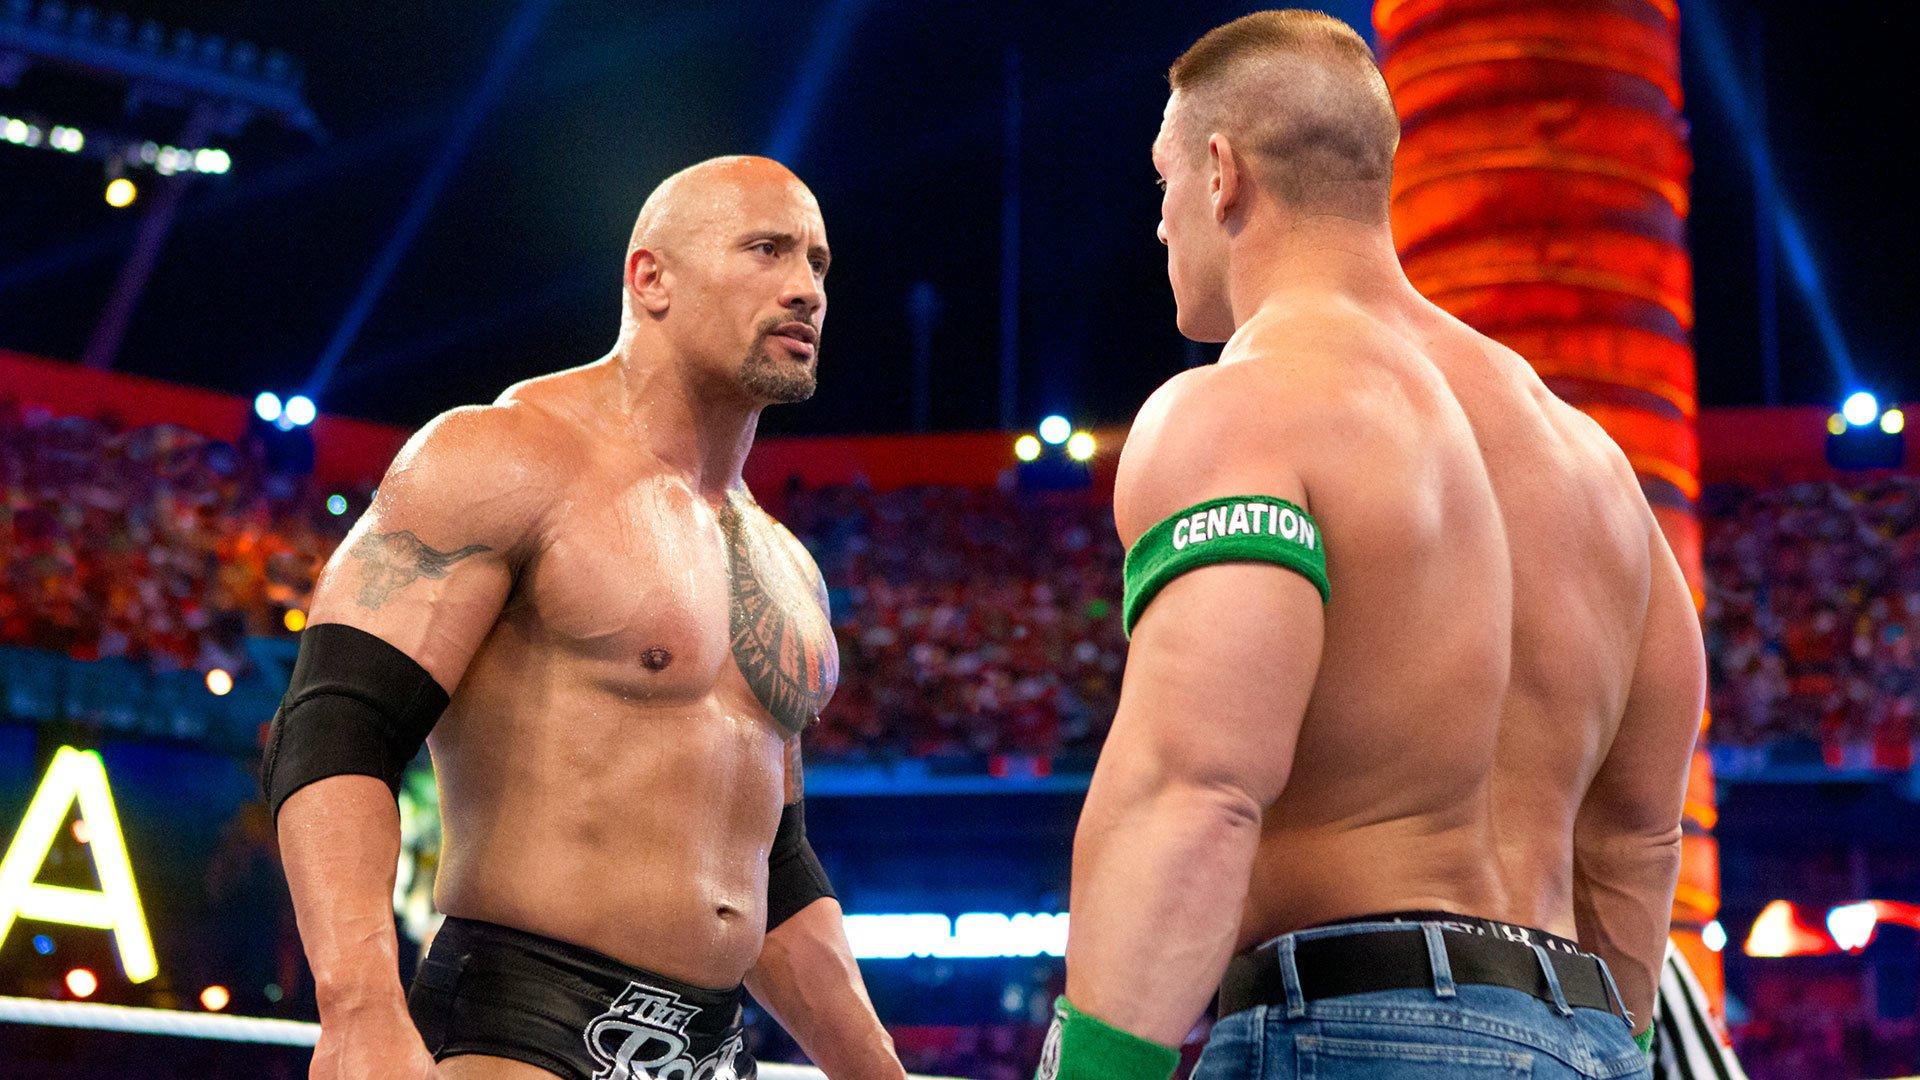 WrestleMania XXVIII | WWE